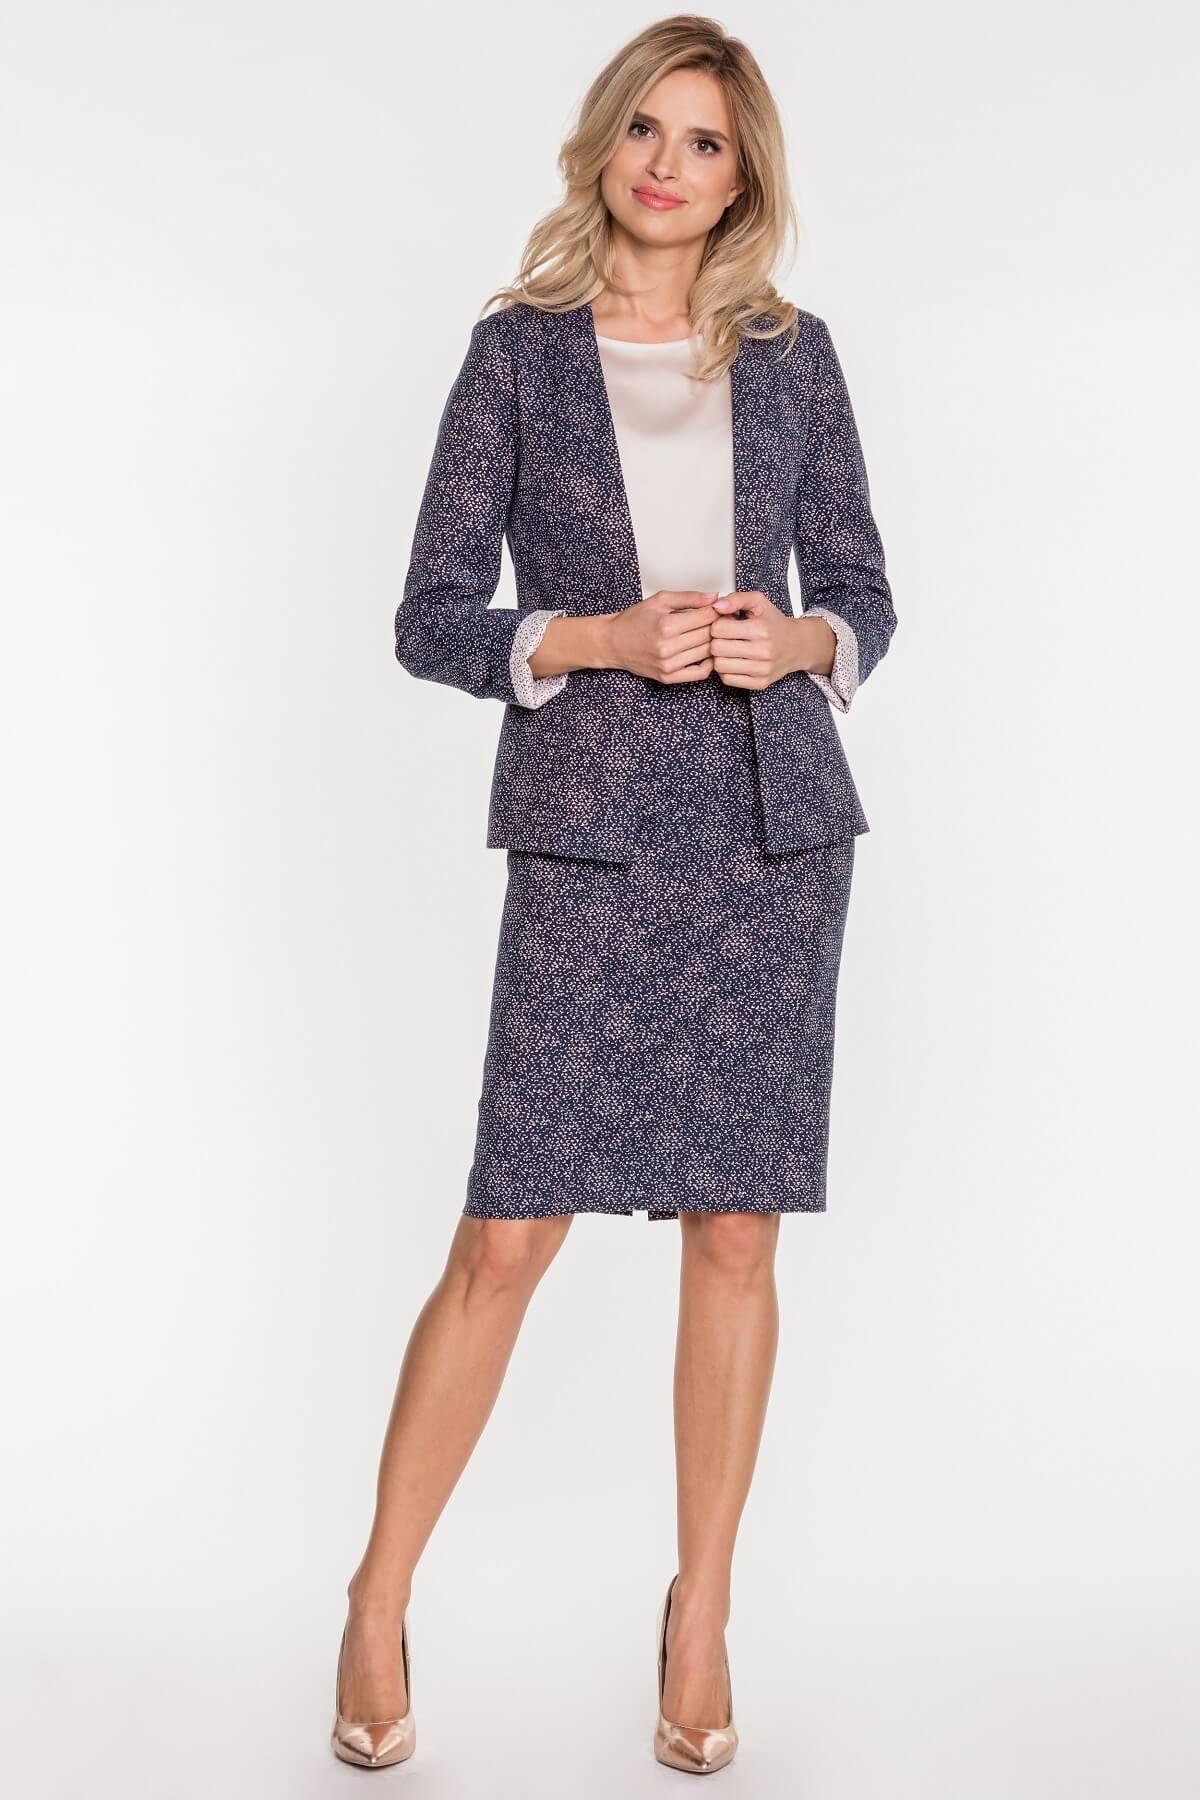 fa34ca7d6d Kostium damski – strój kobiety sukcesu - Blog o modzie